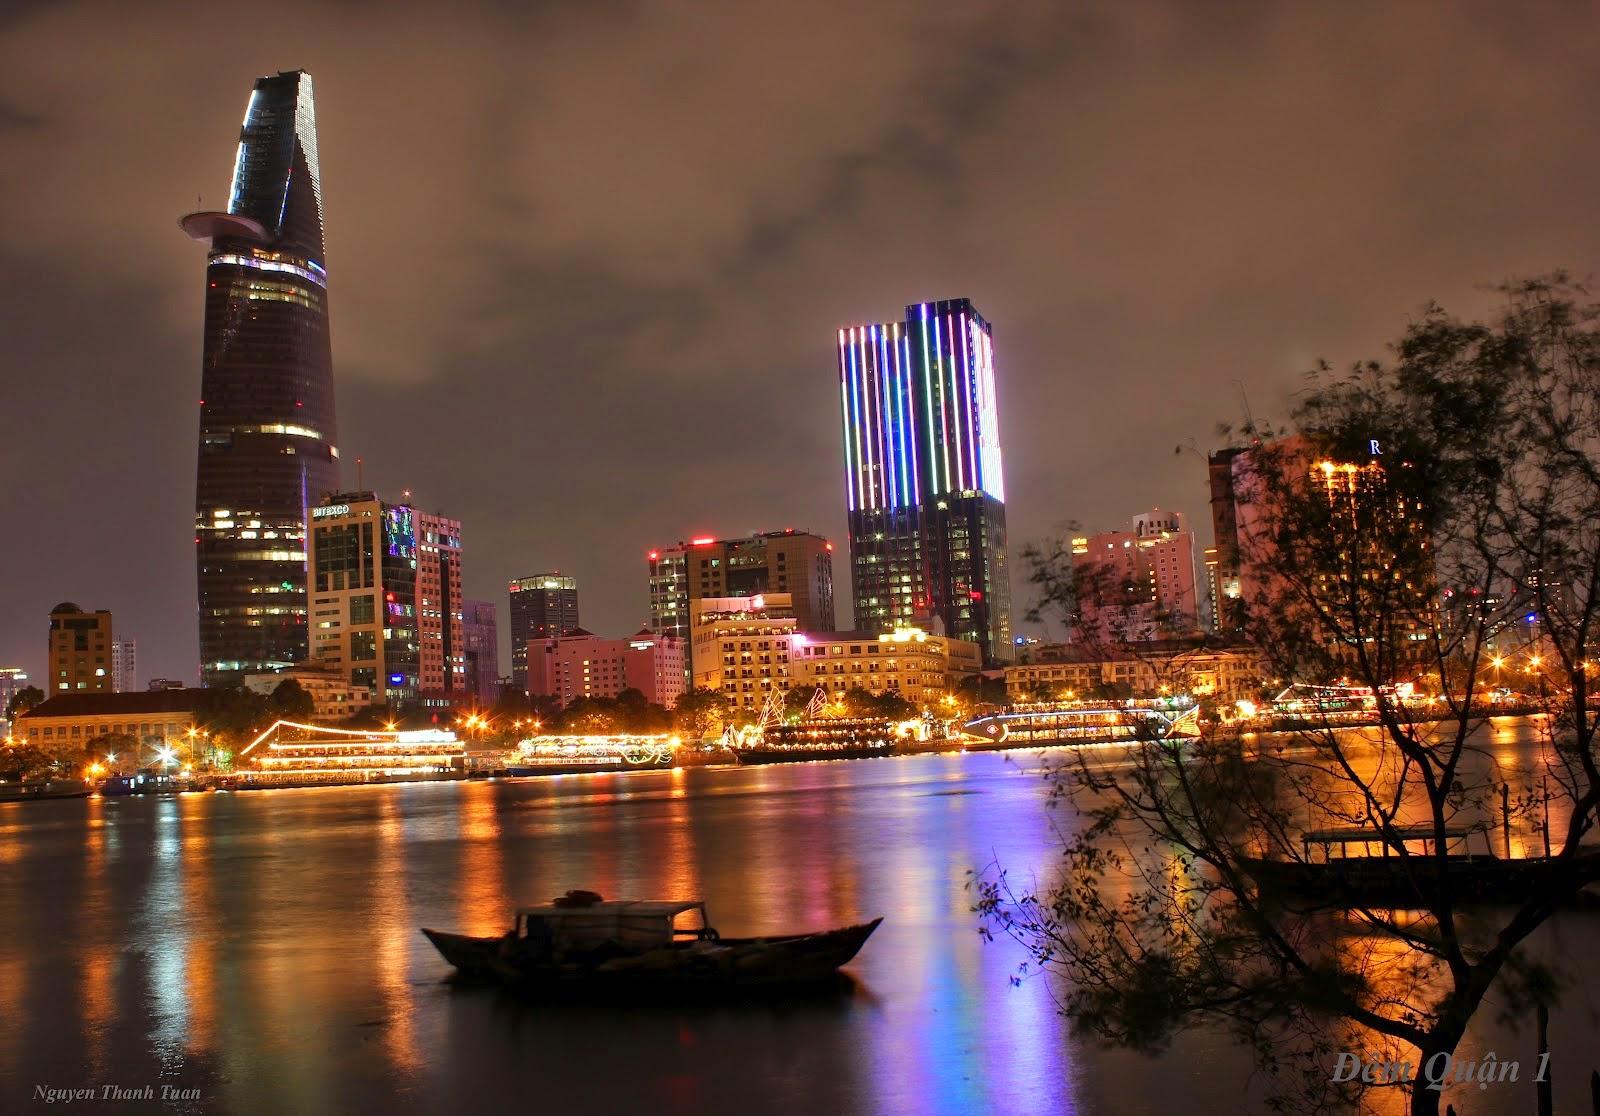 Vietnam Tour : Sai Gon River 9